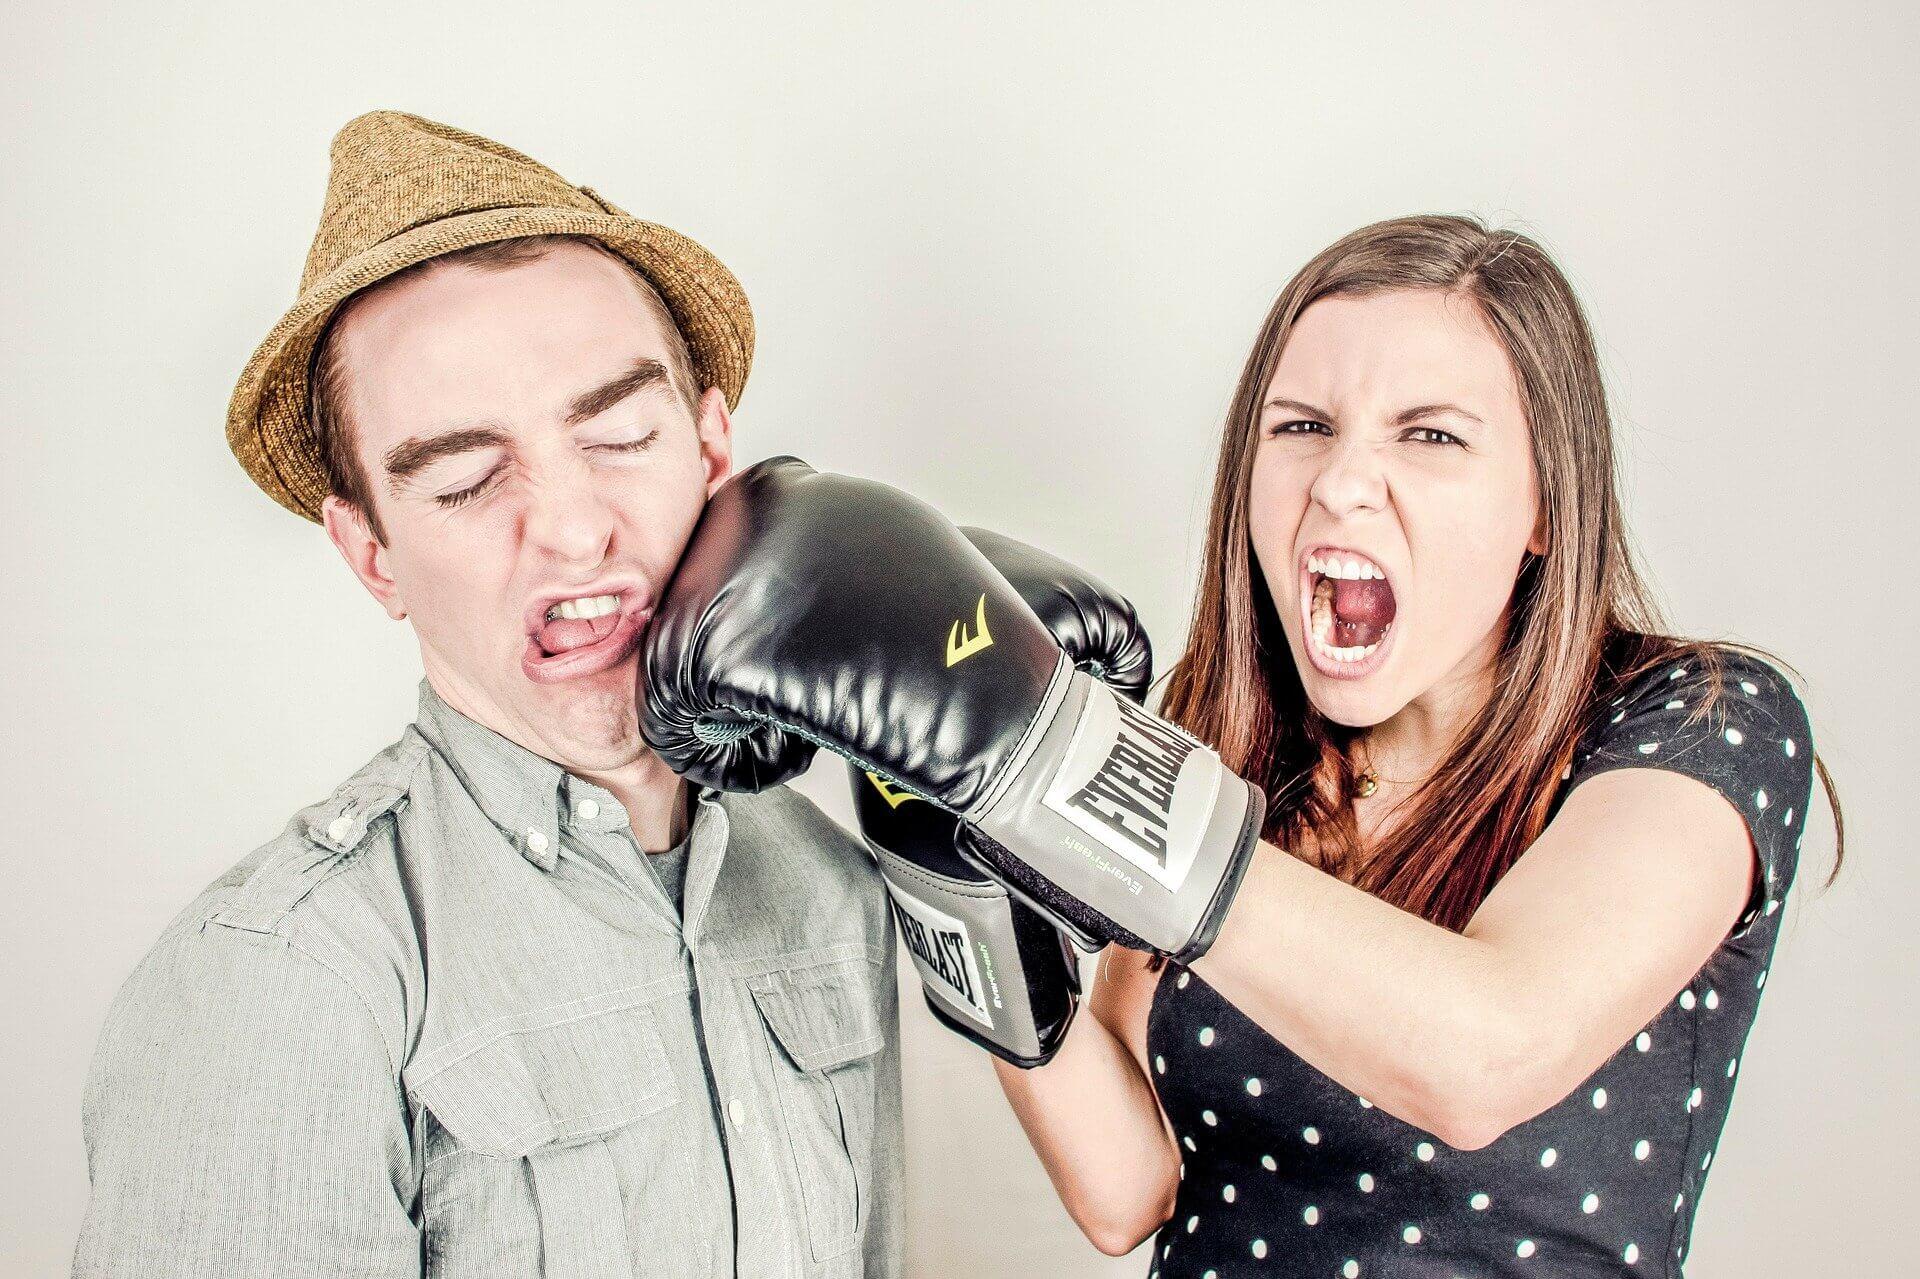 Foto de una mujer con guantes de boxeo golpeando a un hombre